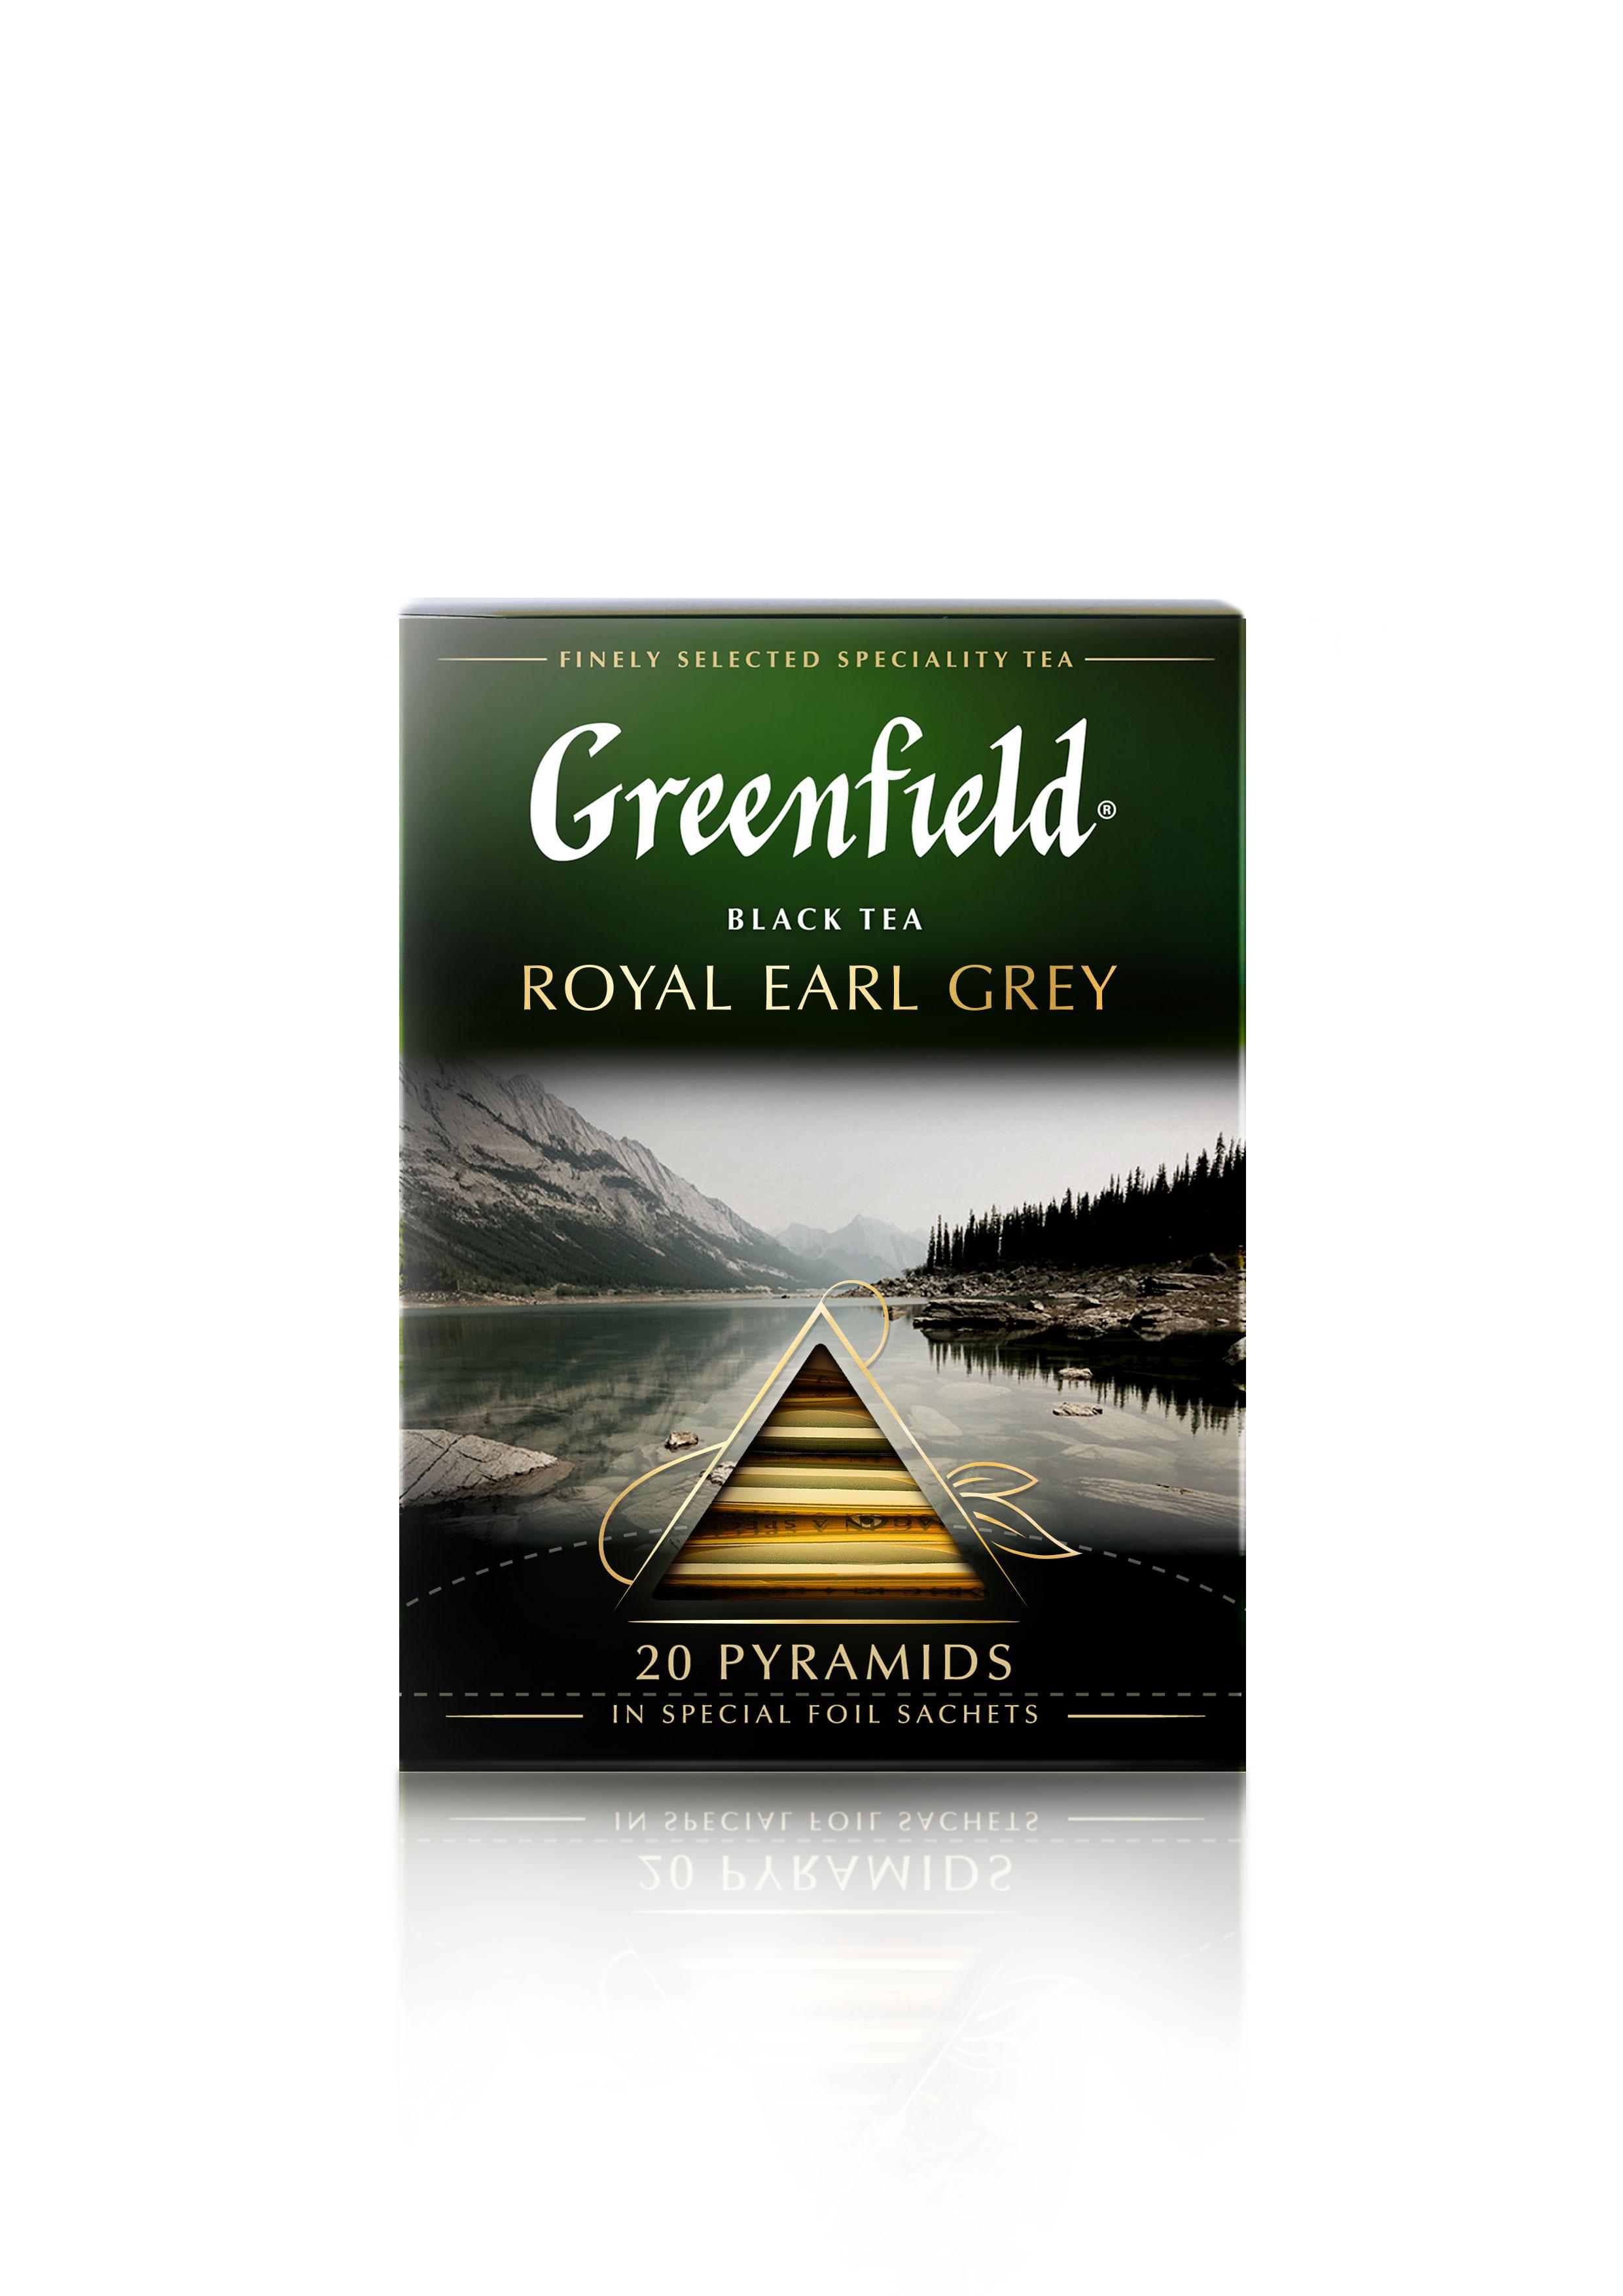 Greenfield Royal Earl Grey 40g (2g x 20pyr)